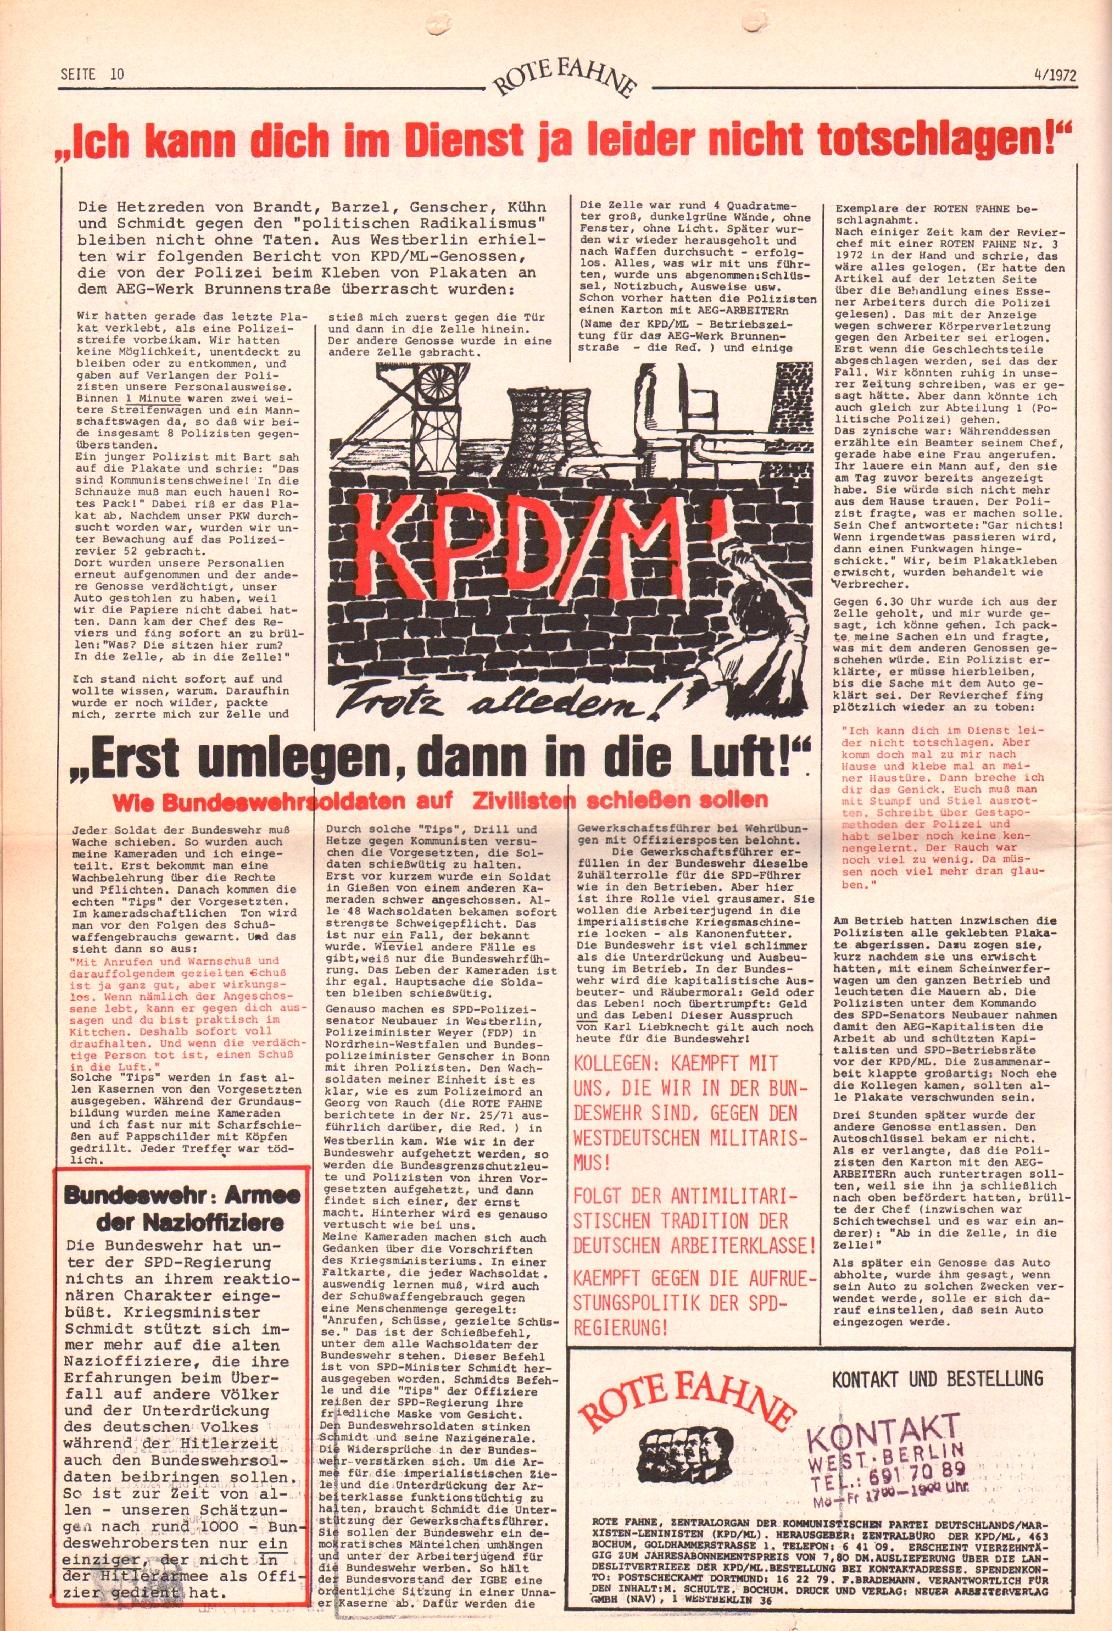 Rote Fahne, 3. Jg., 21.2.1972, Nr. 4, Seite 10